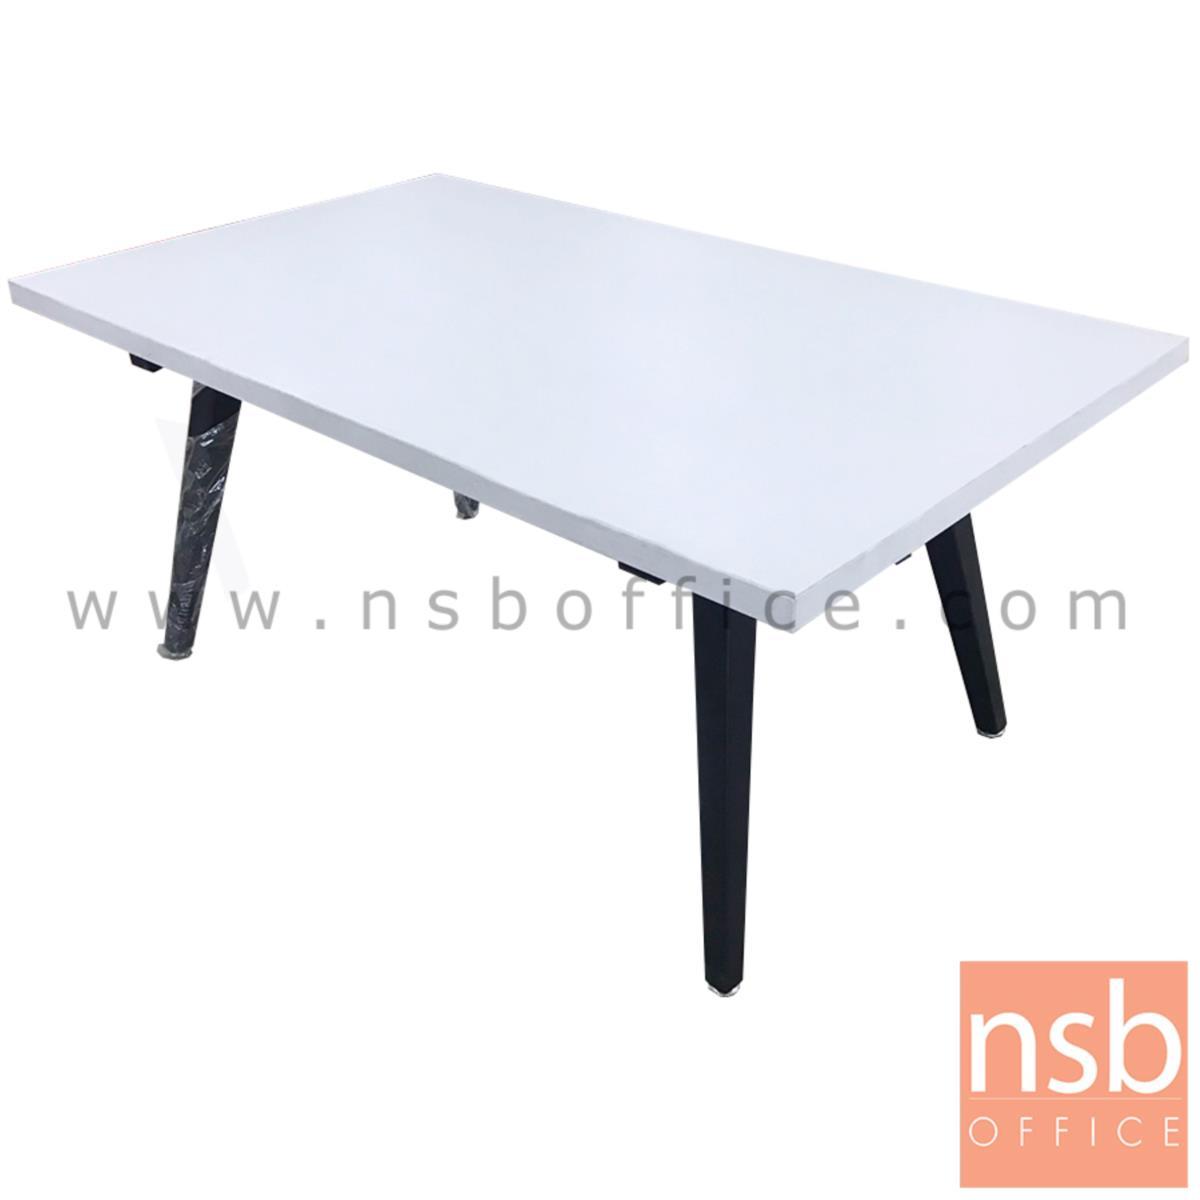 L01A144:โต๊ะกลางเหลี่ยมโมเดิร์นไม้  ขนาด 101W*45H cm. ขาเหล็ก